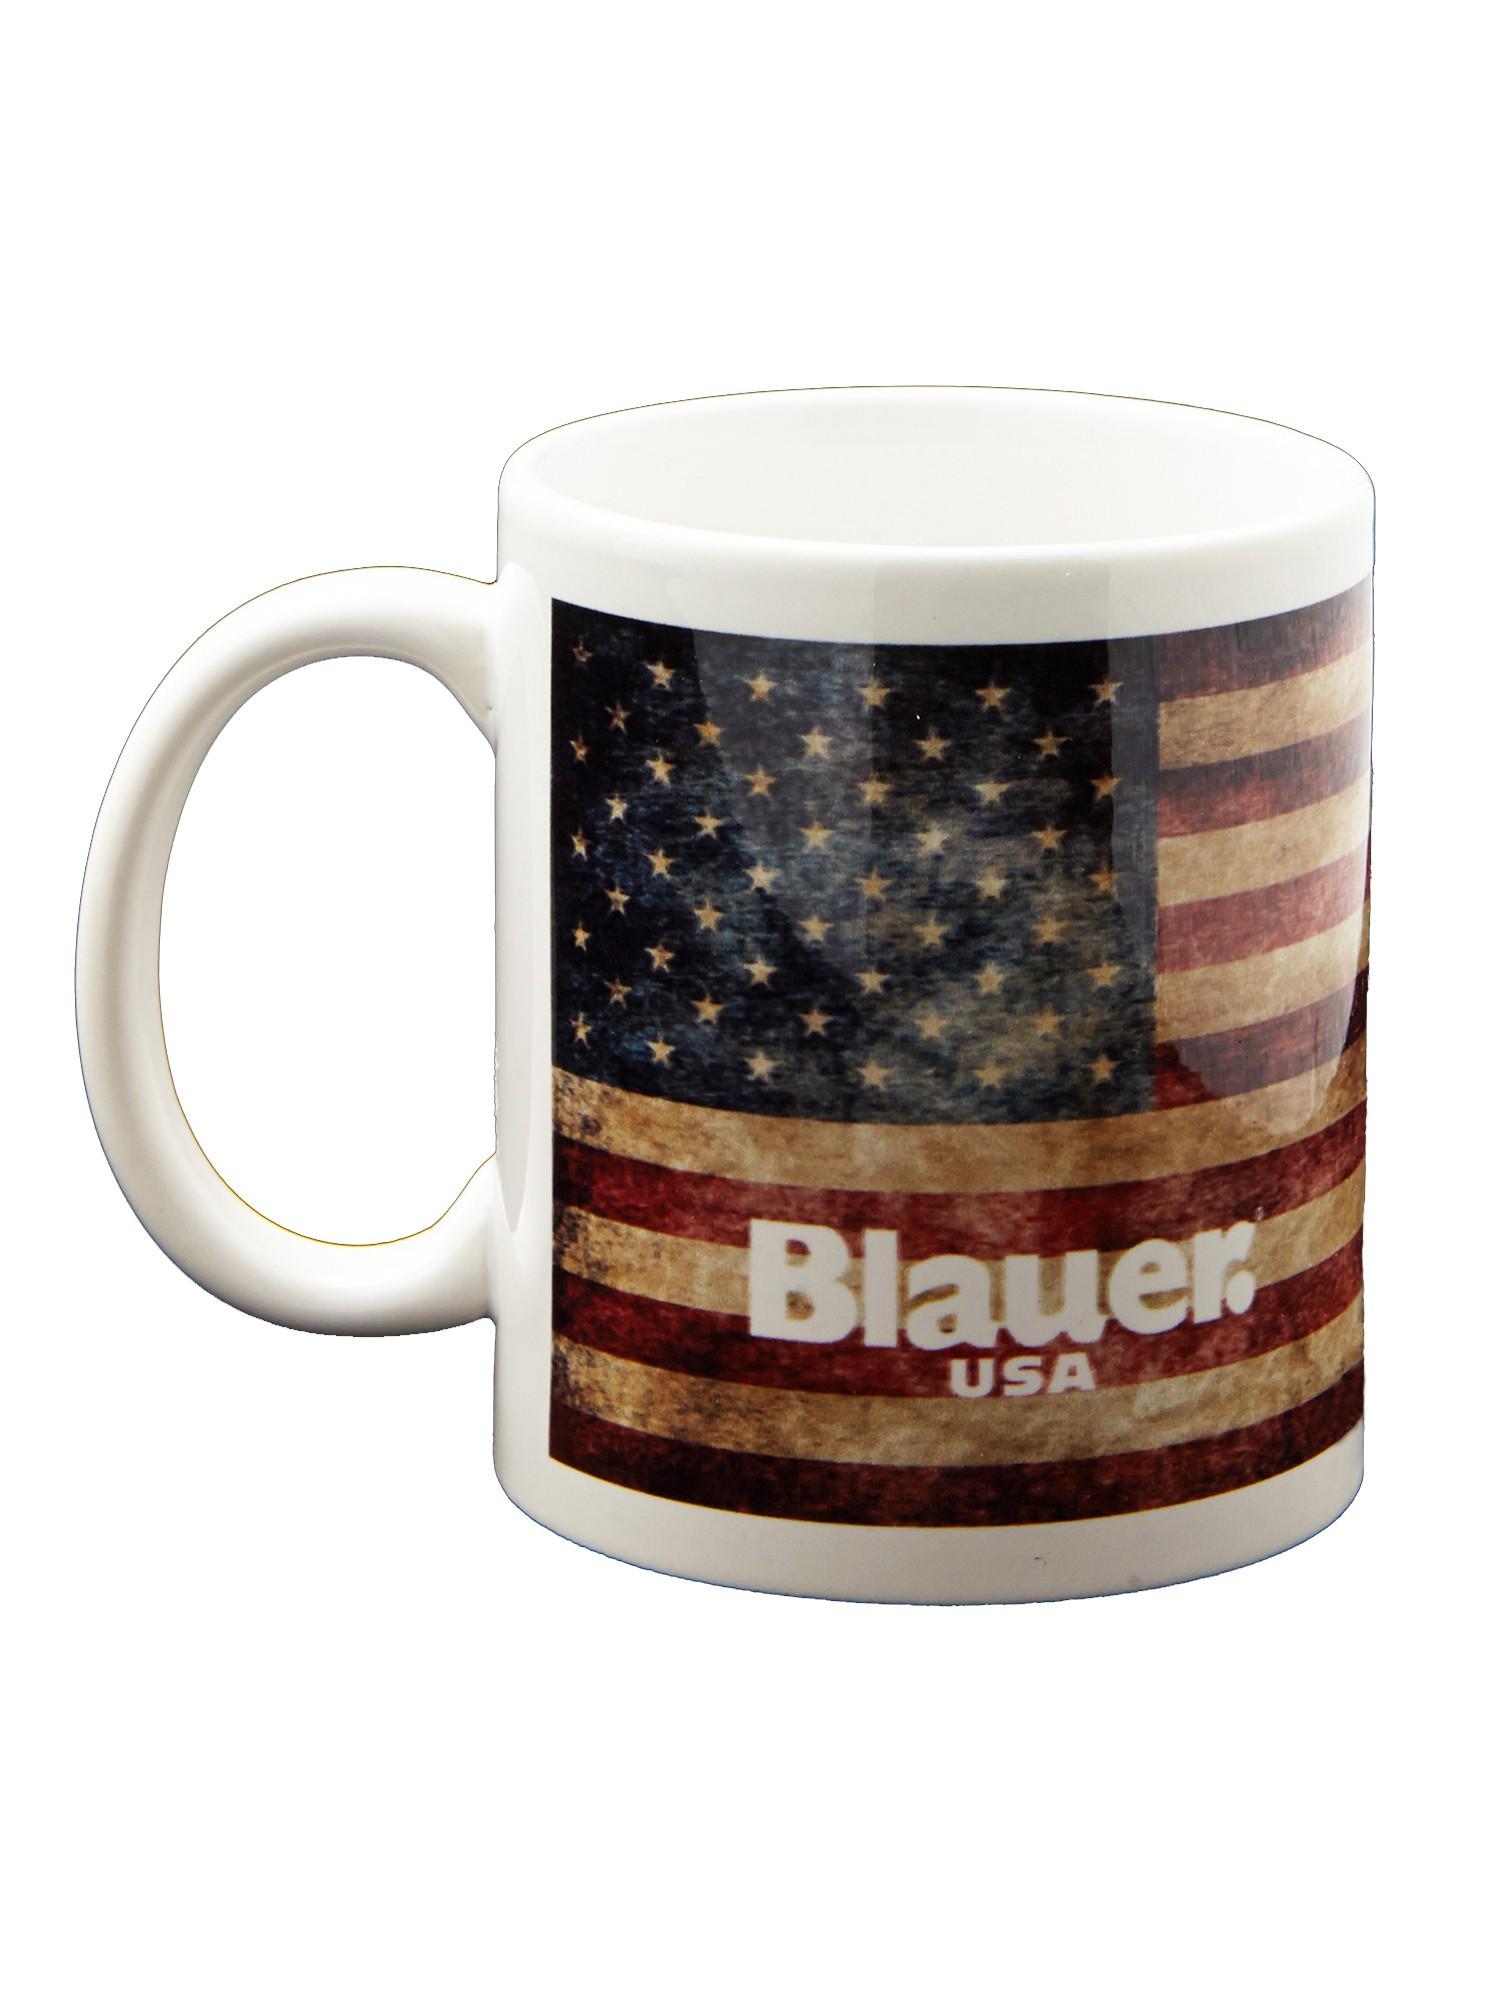 CUPKAFFEE BLAUER - Blauer